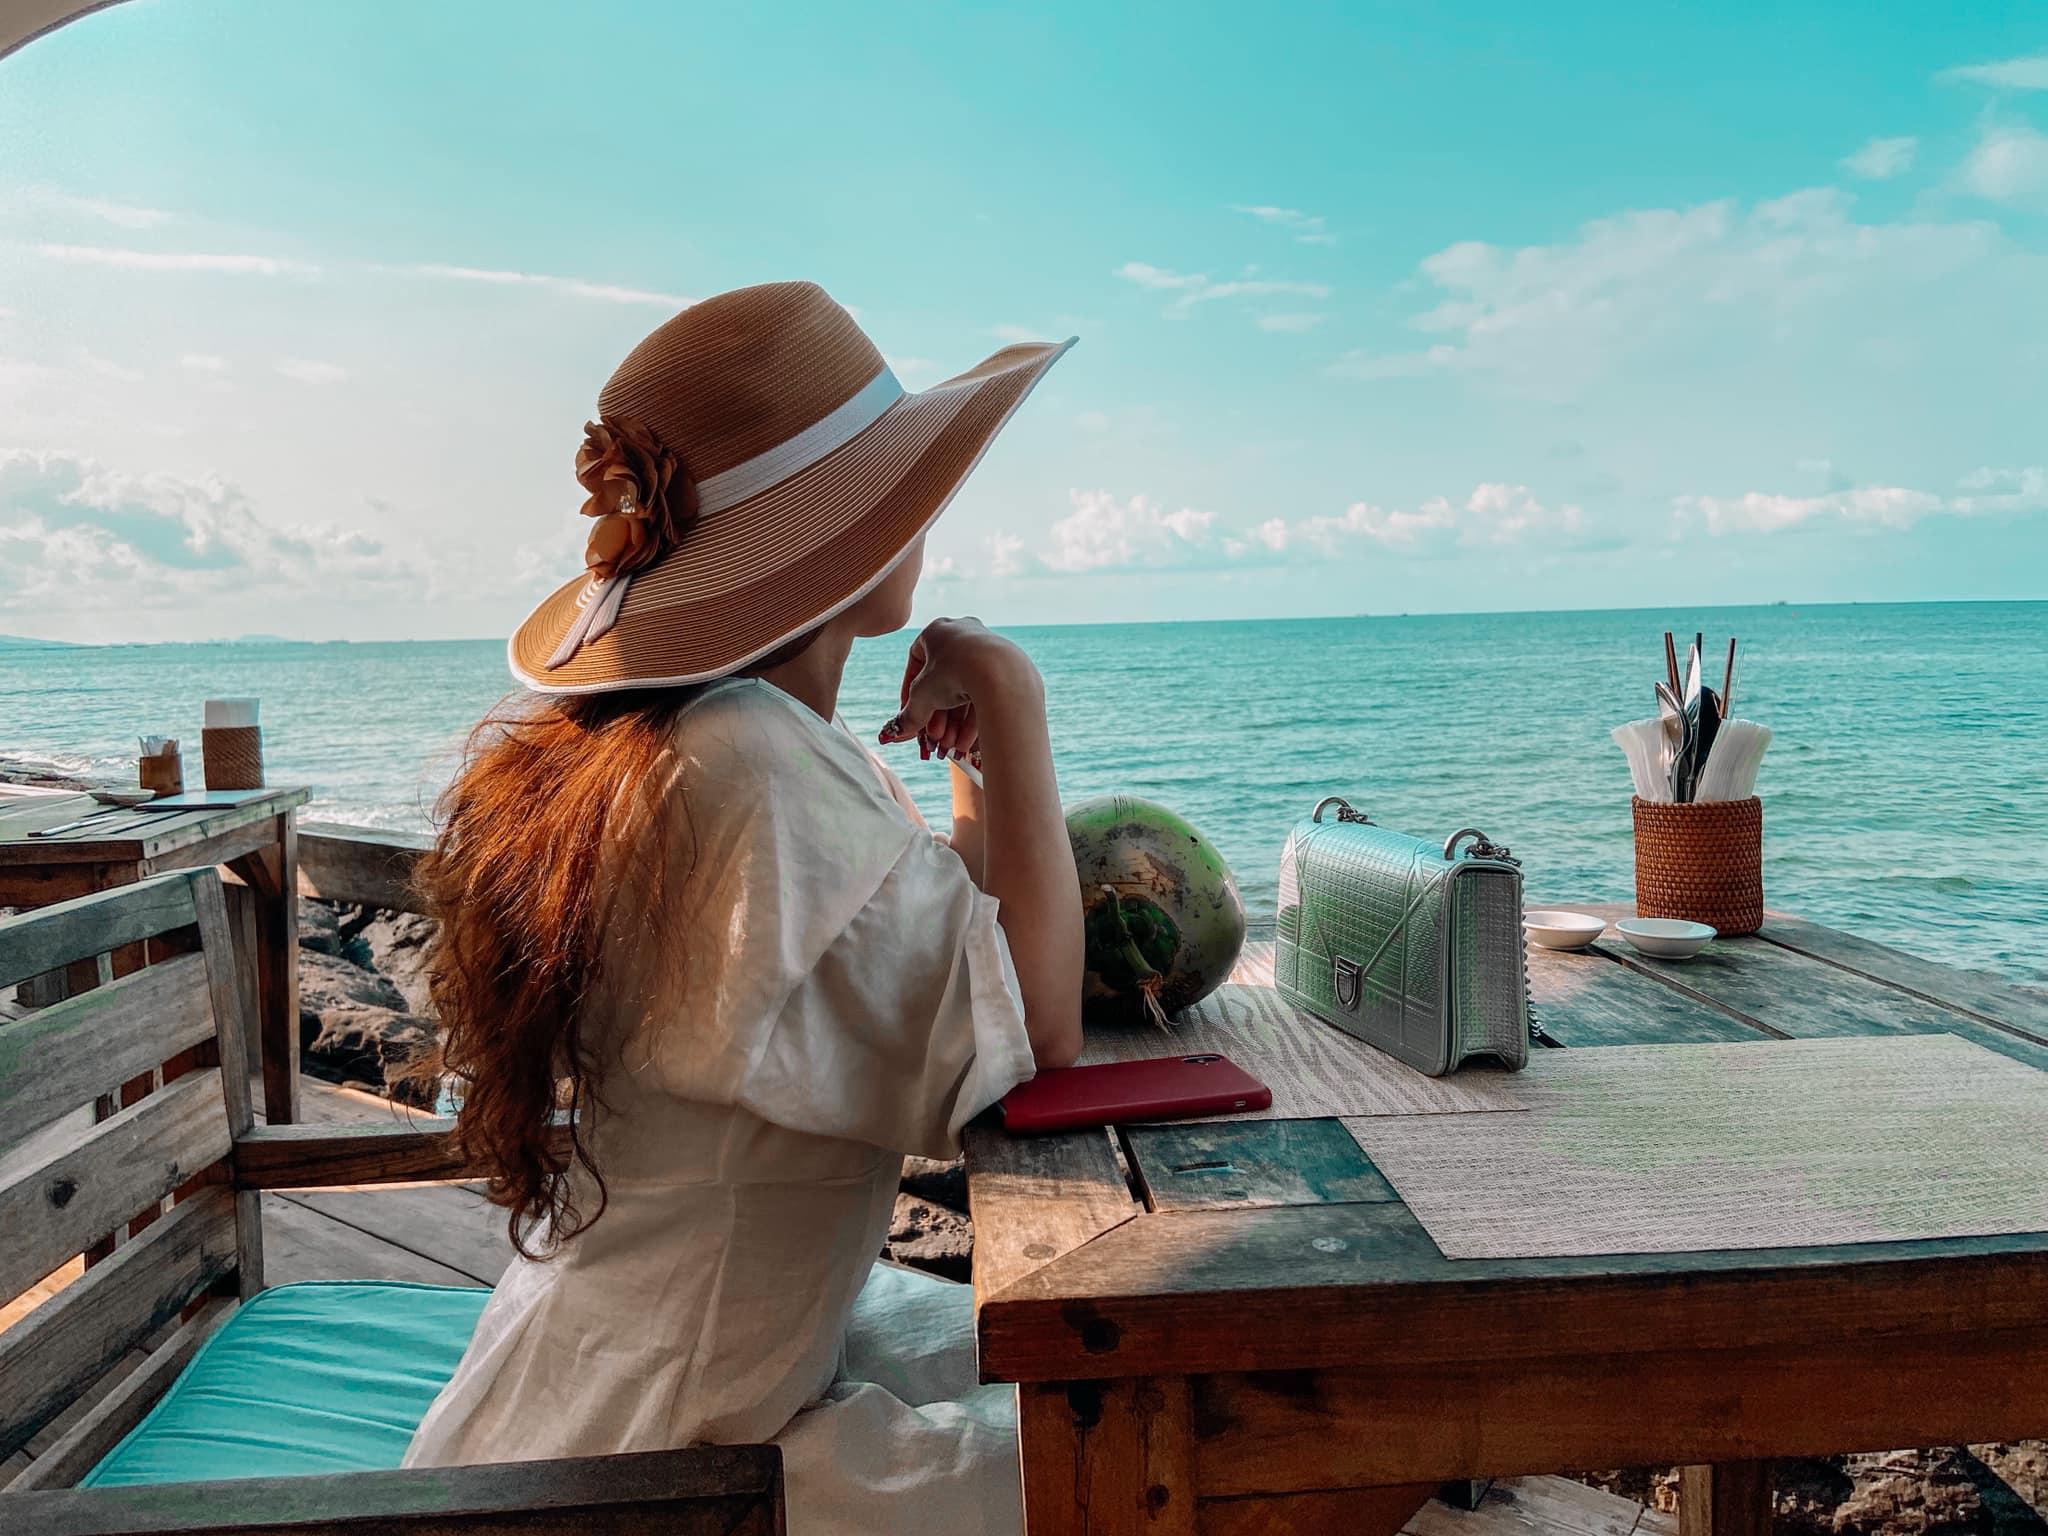 Tour du lịch Phú Quốc khởi hành từ Rạch Giá: Vô vàn ưu đãi trong dịp hè này  - Ảnh 25.